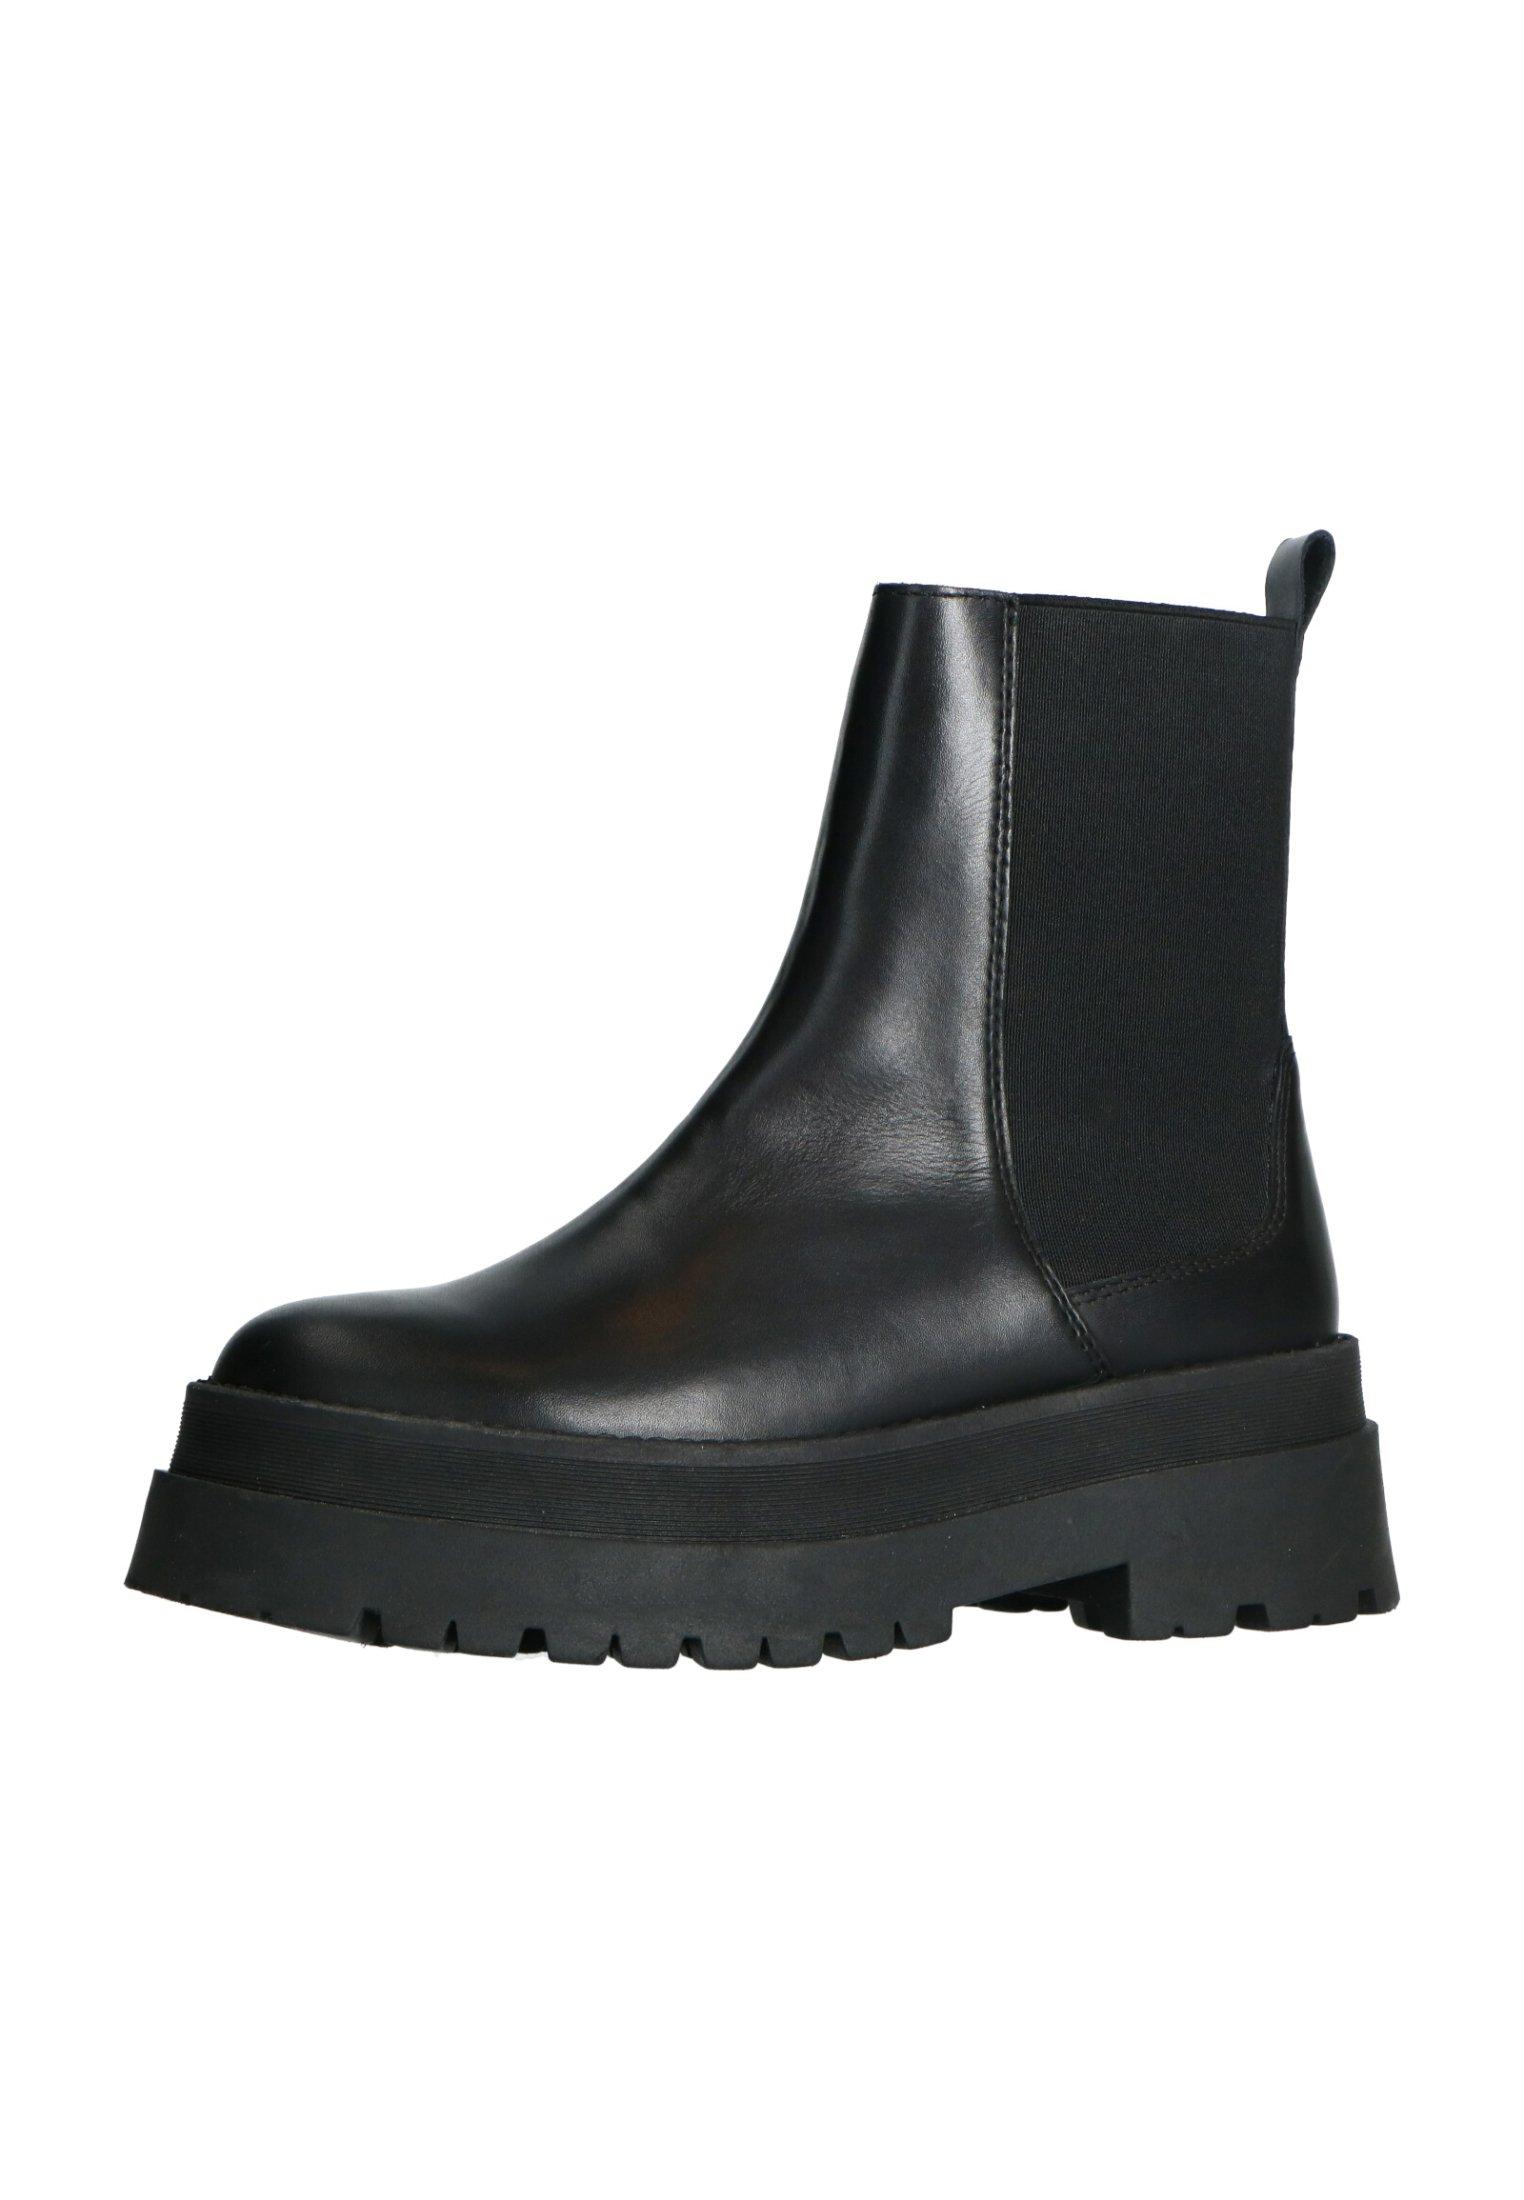 sacha Stiefelette - schwarz | Damen Schuhe 2020